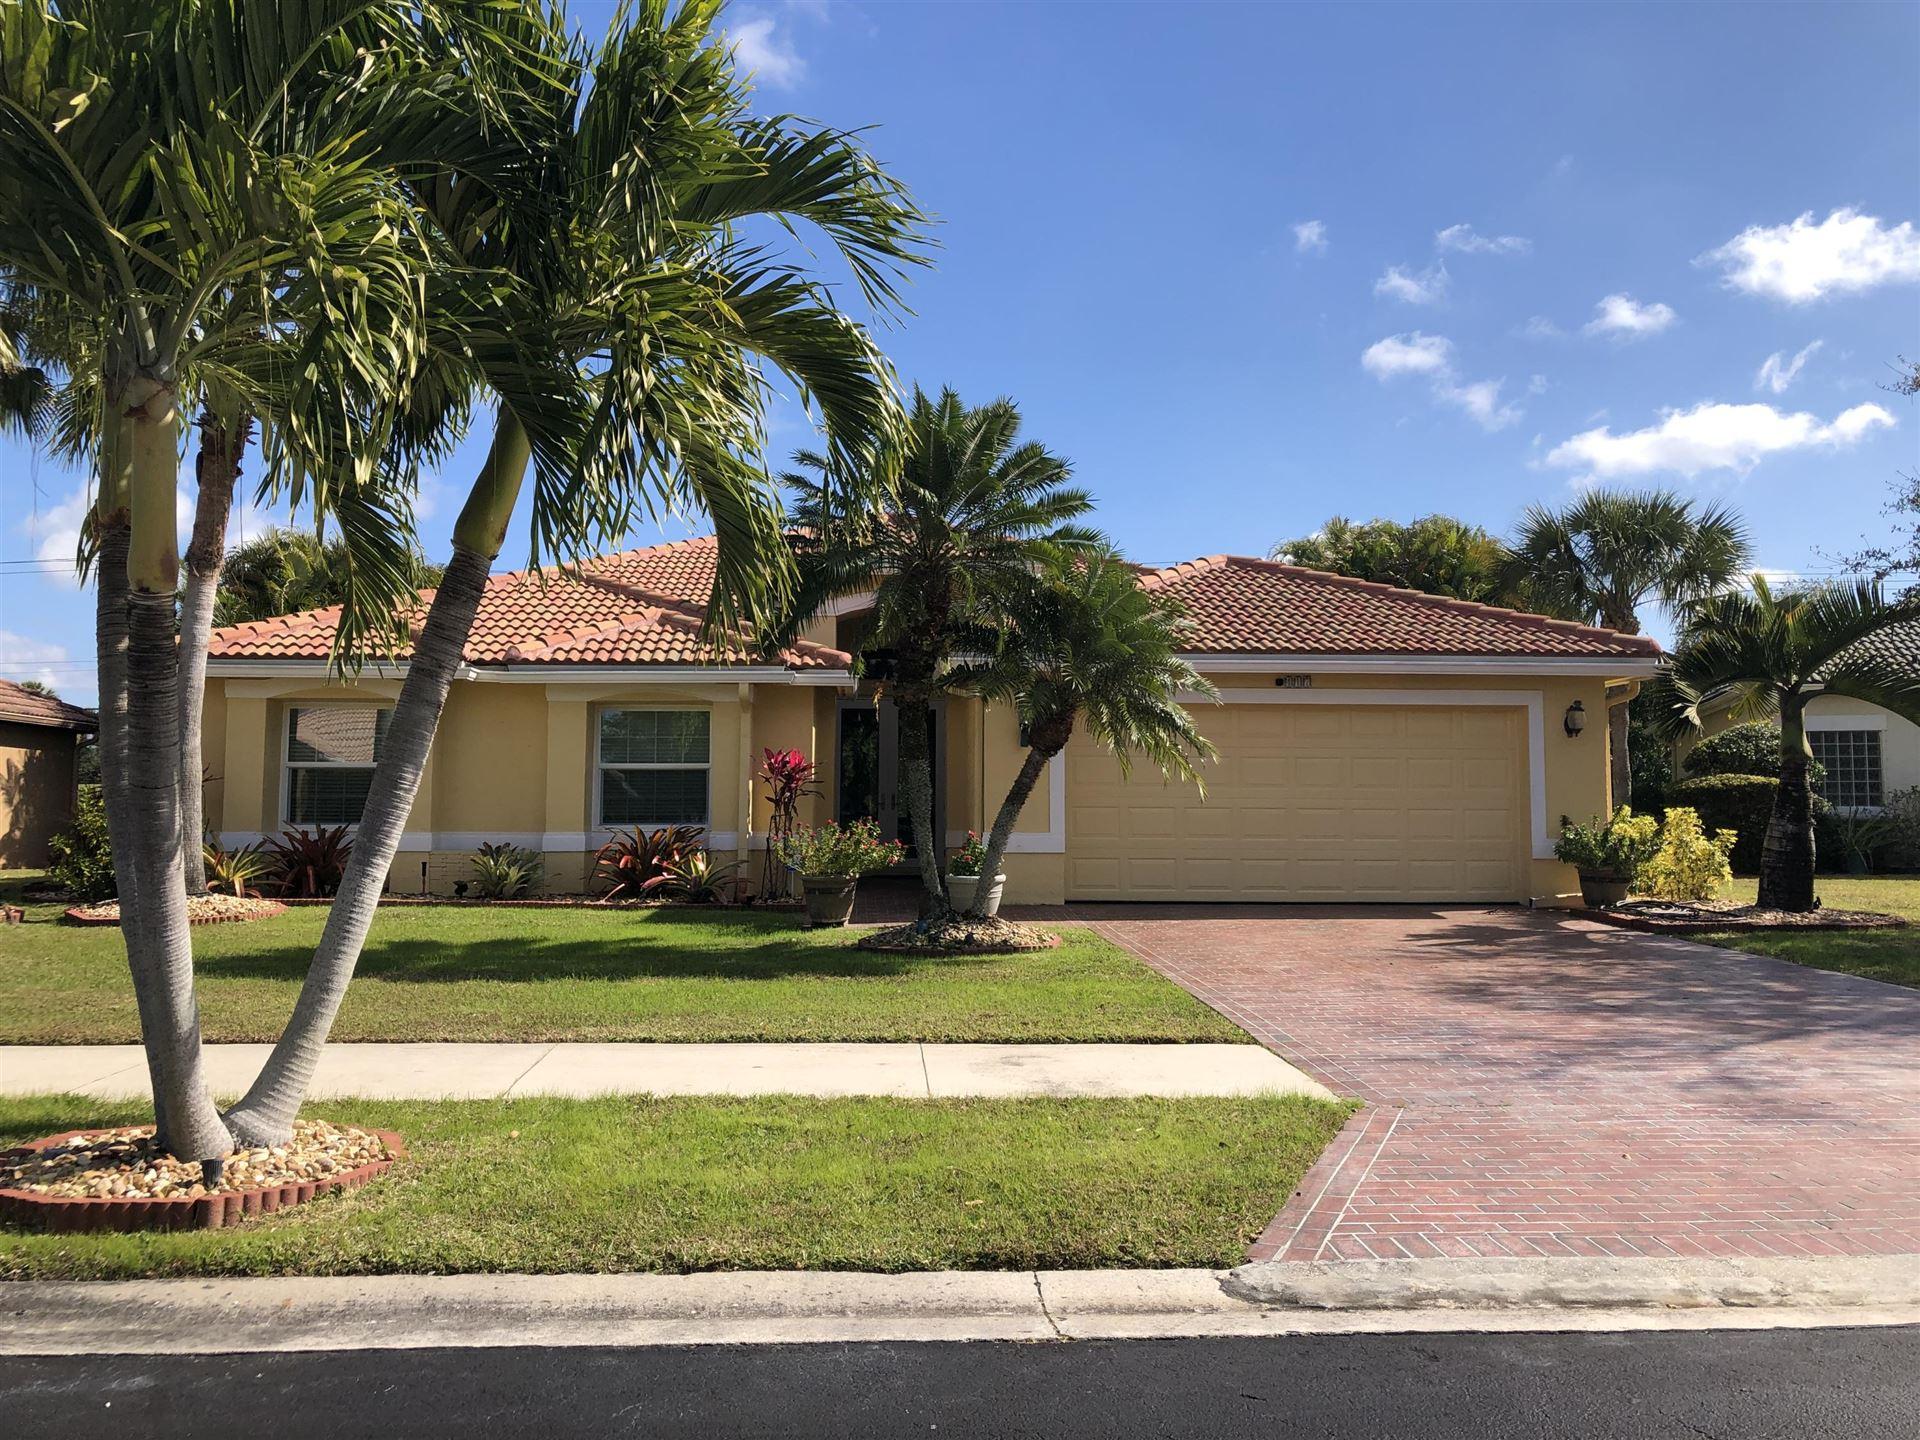 417 SW Crabapple Cove, Port Saint Lucie, FL 34986 - #: RX-10686842